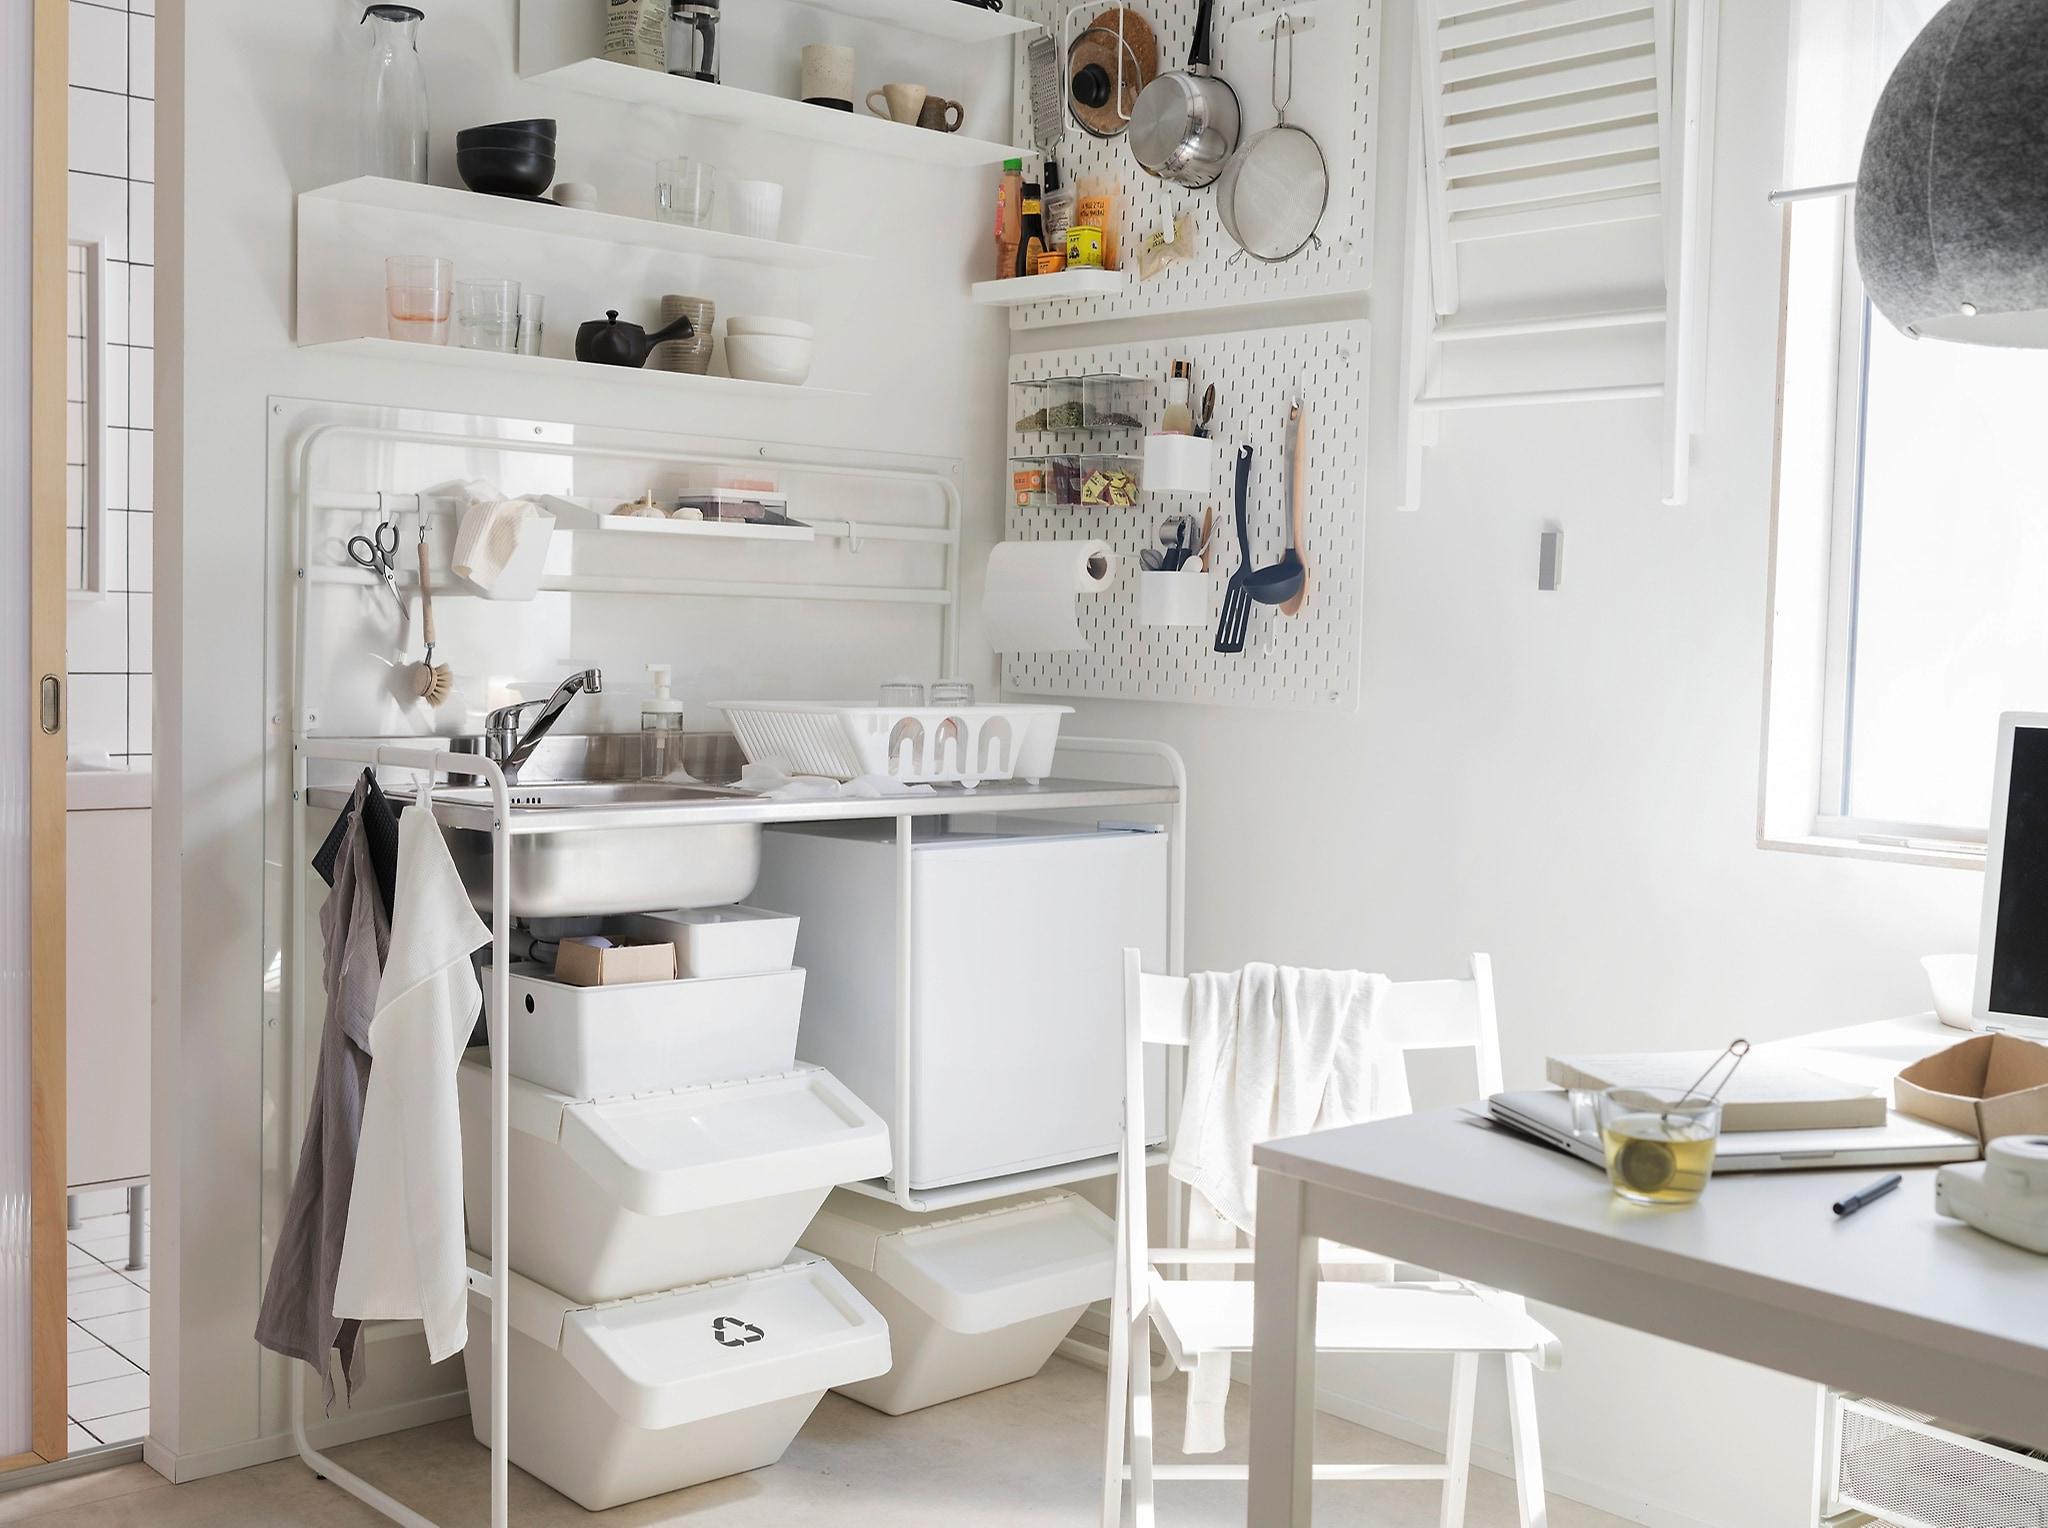 Muebles De Cocina De Ikea Fmdf Muebles De Cocina Y Electrodomà Sticos Pra Online Ikea